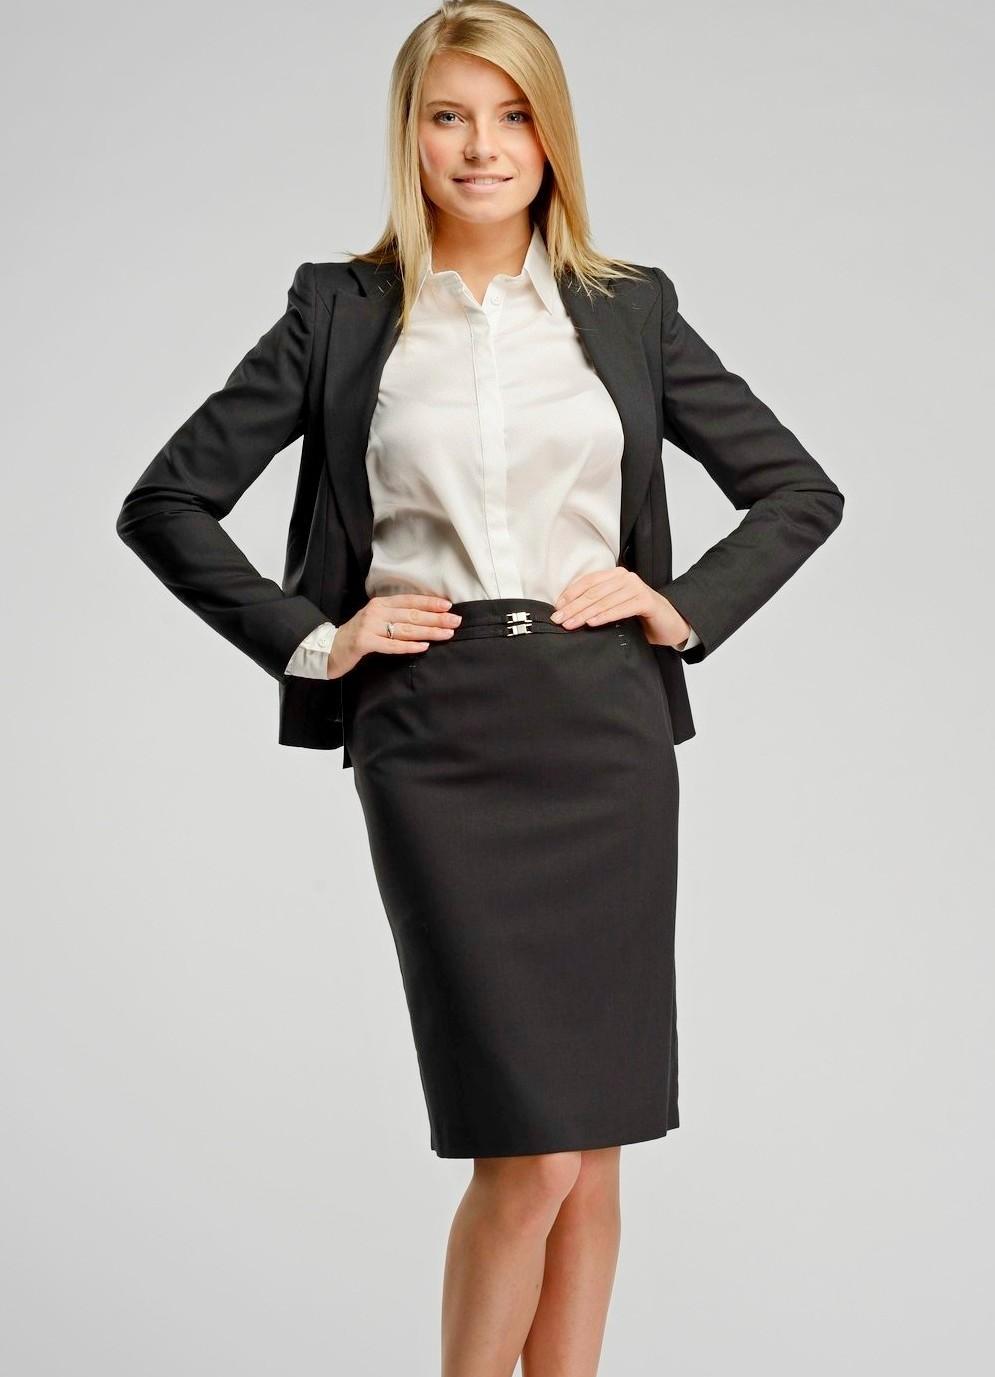 bf521ac98816 женский классический деловой стиль 1 ...